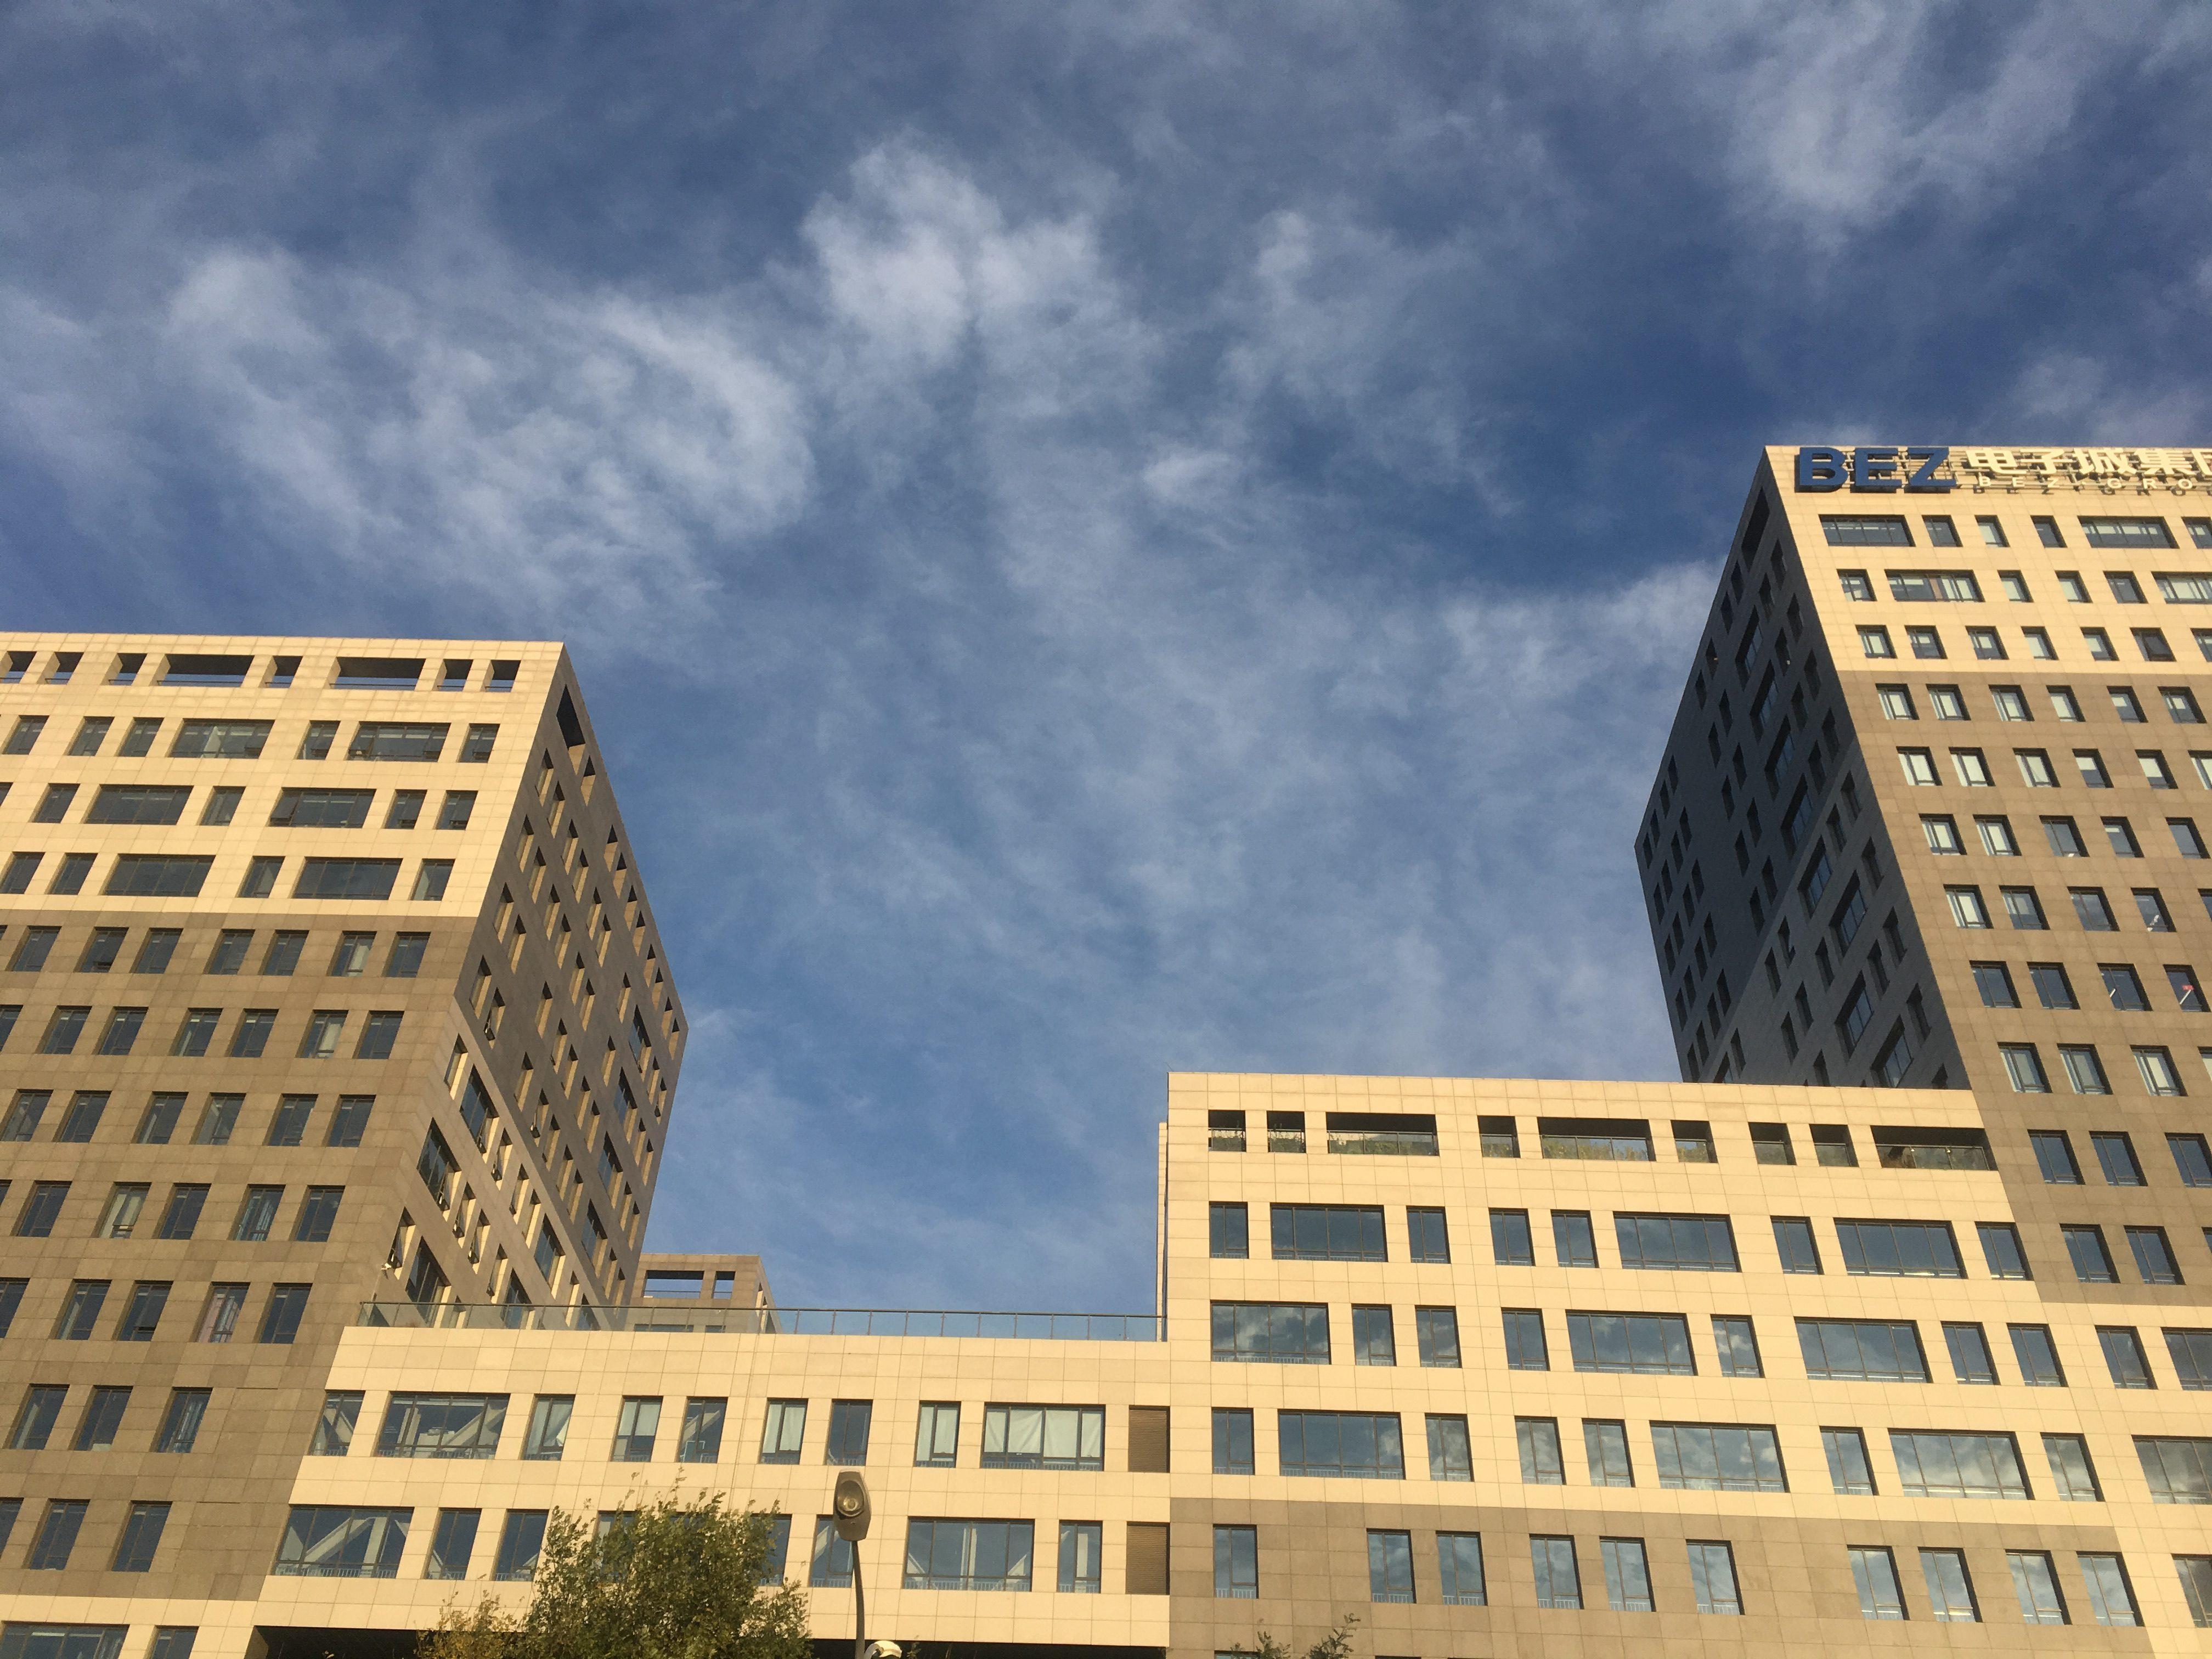 Beijing Building and sky